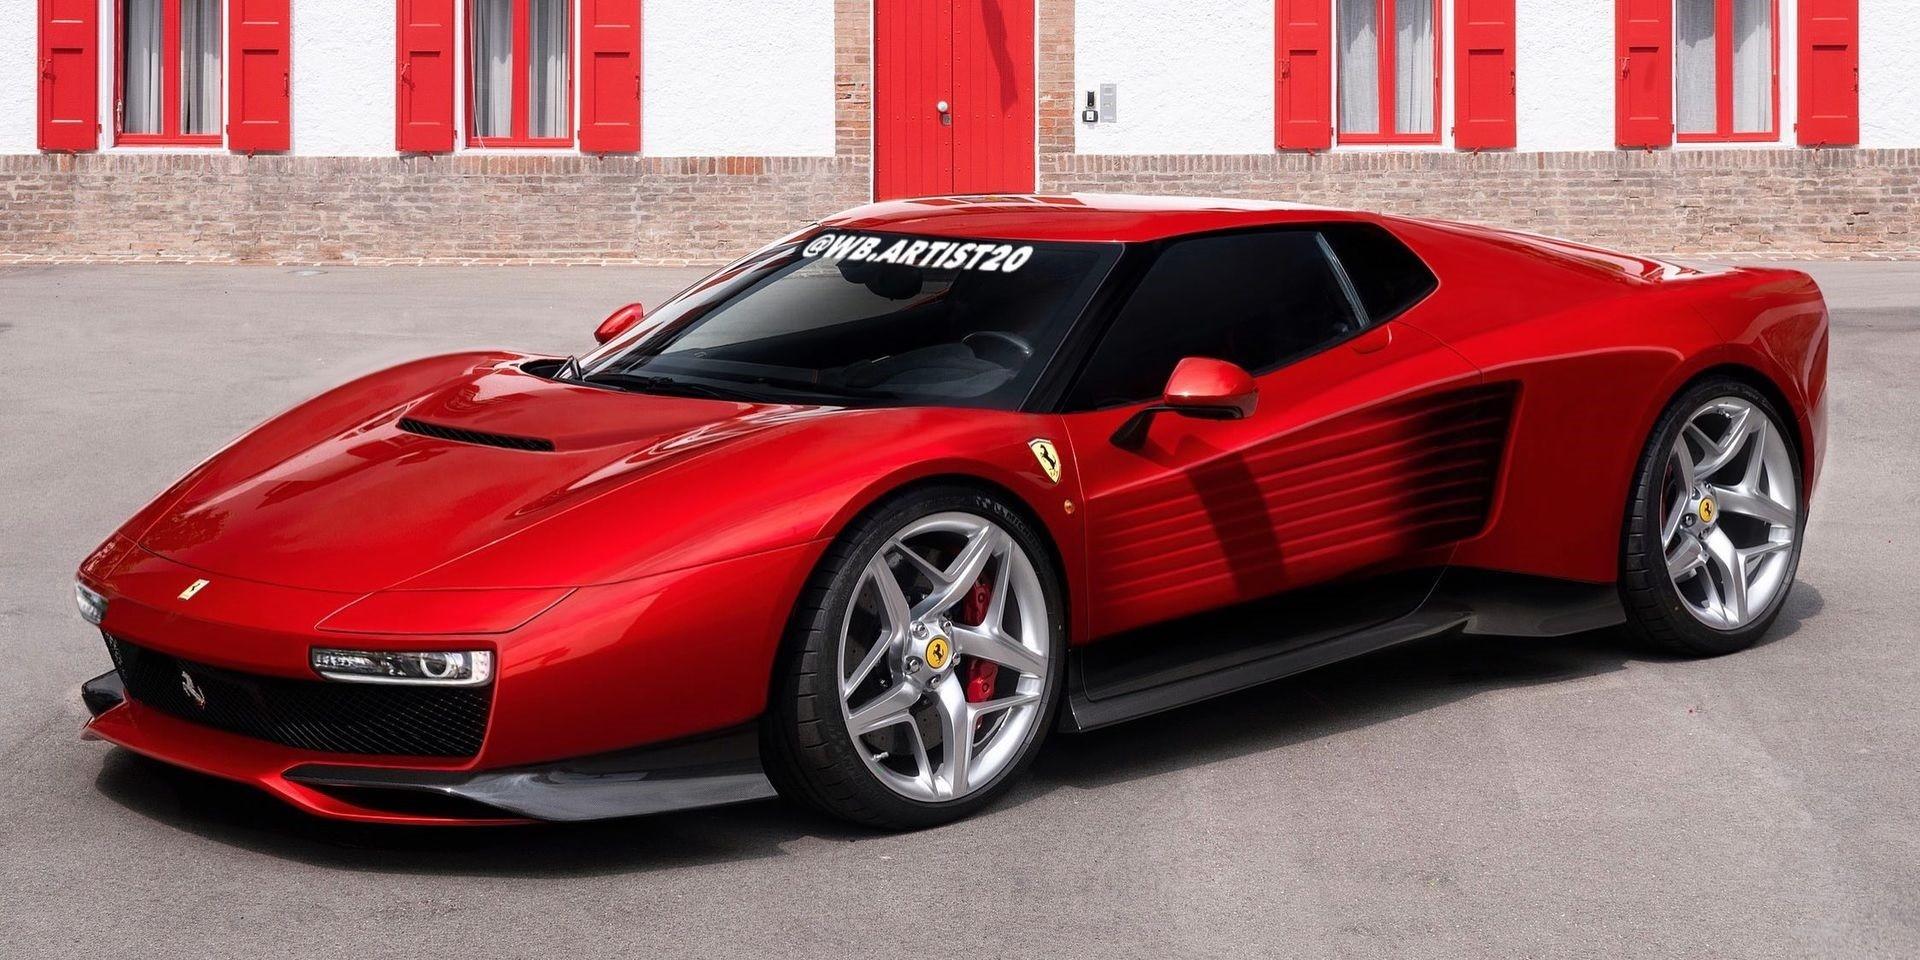 Contemporary Ferrari Testarossa Rendering Keeps the Pop-Up Lights, Door Slats - autoevolution